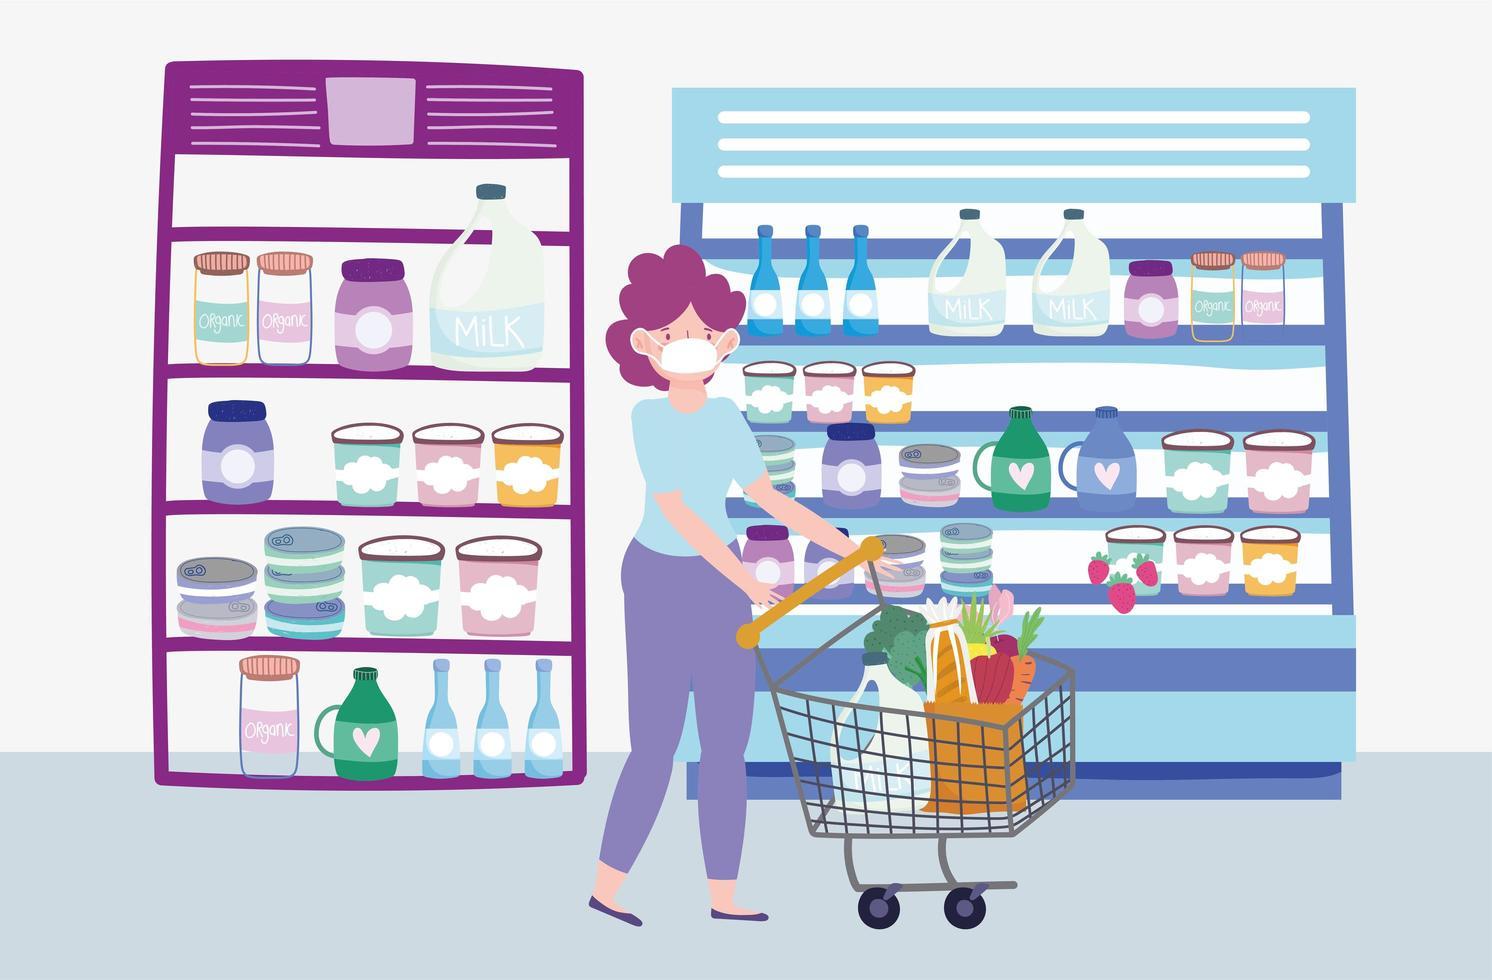 Mujer empujando un carrito de compras en una tienda de comestibles vector